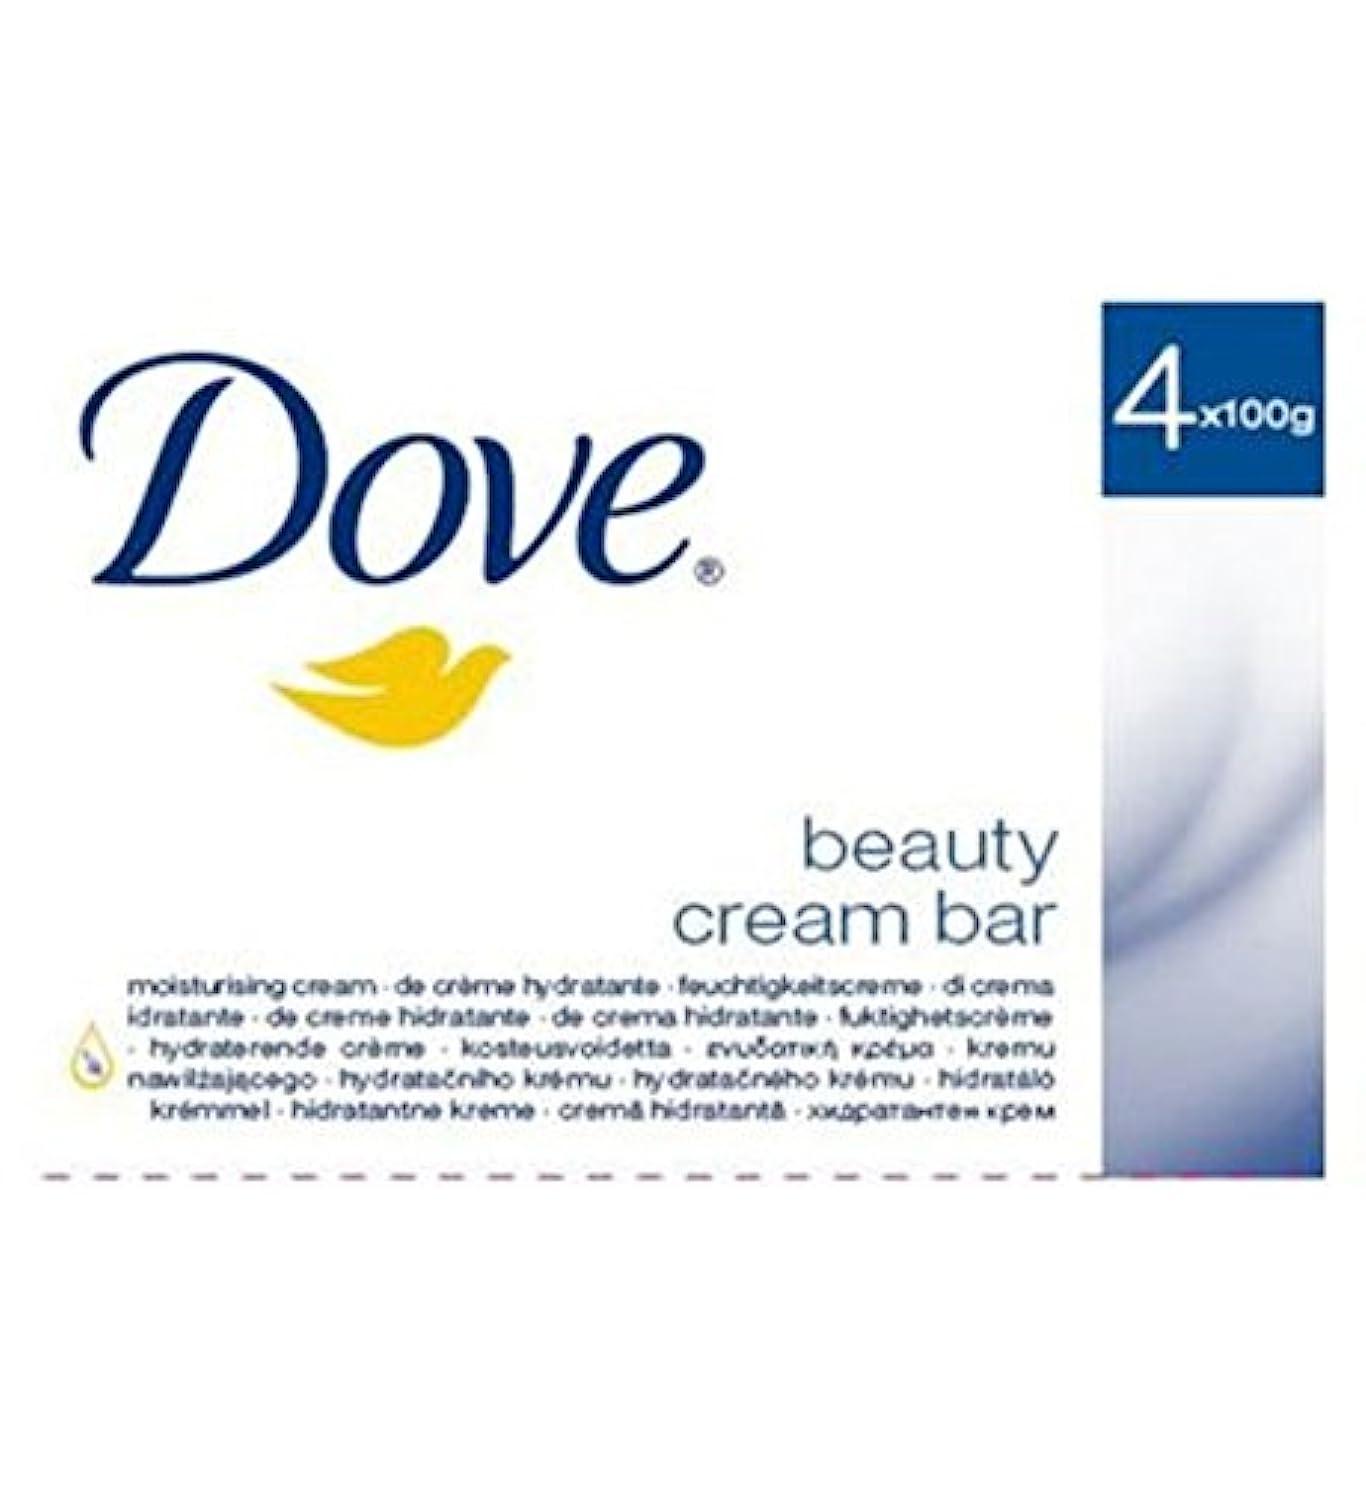 介入する地図バターDove Original Beauty Cream Bar 4 x 100g - 鳩元の美しさのクリームバー4のX 100グラム (Dove) [並行輸入品]